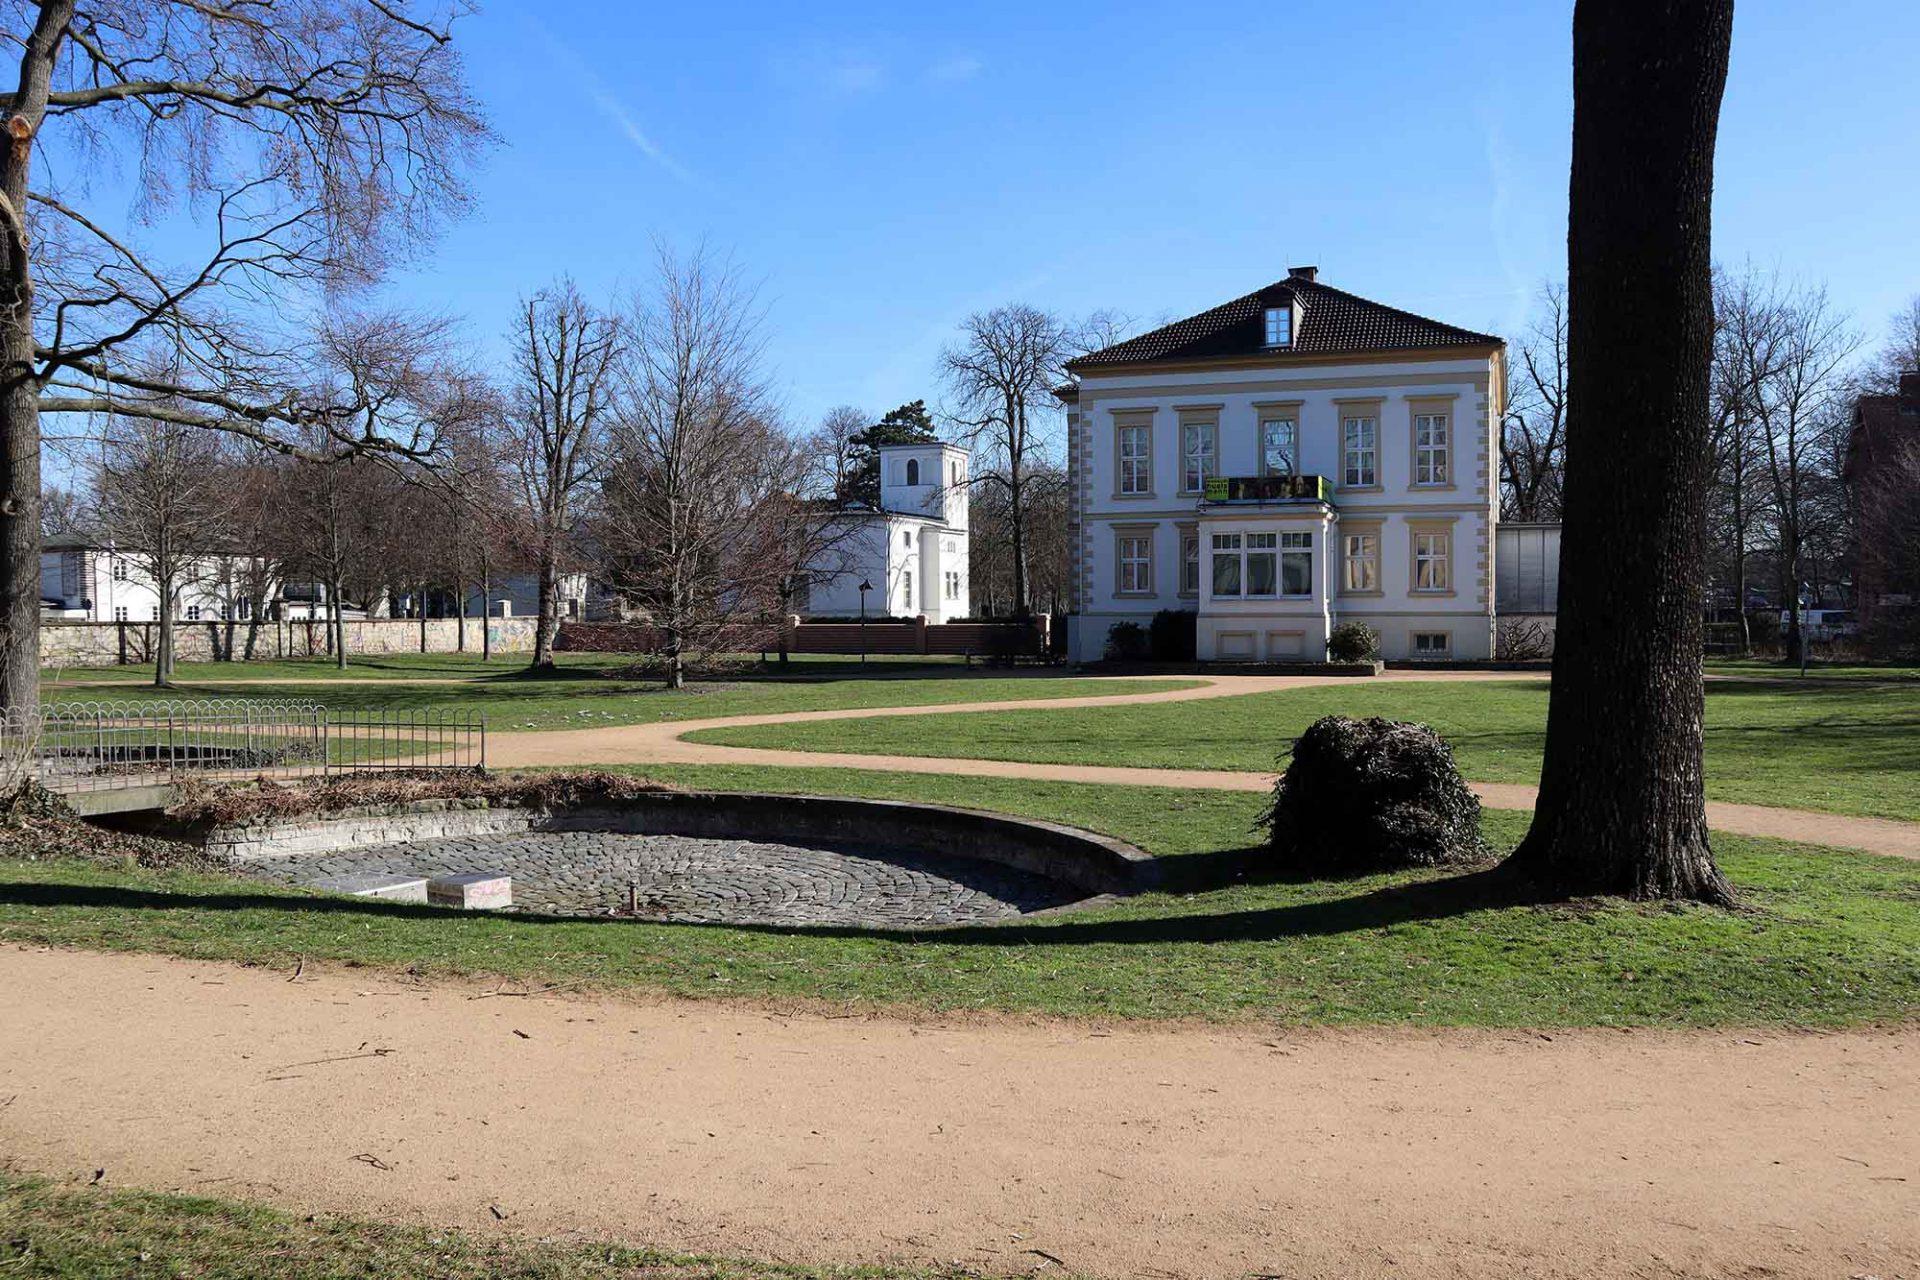 Ravensberger Park. Das Museum Huelsmann befindet sich in der 1865 erbauten Direktorenvilla der ehemaligen Textilfabrik. Gebäude und Park stehen heute unter Denkmalschutz.